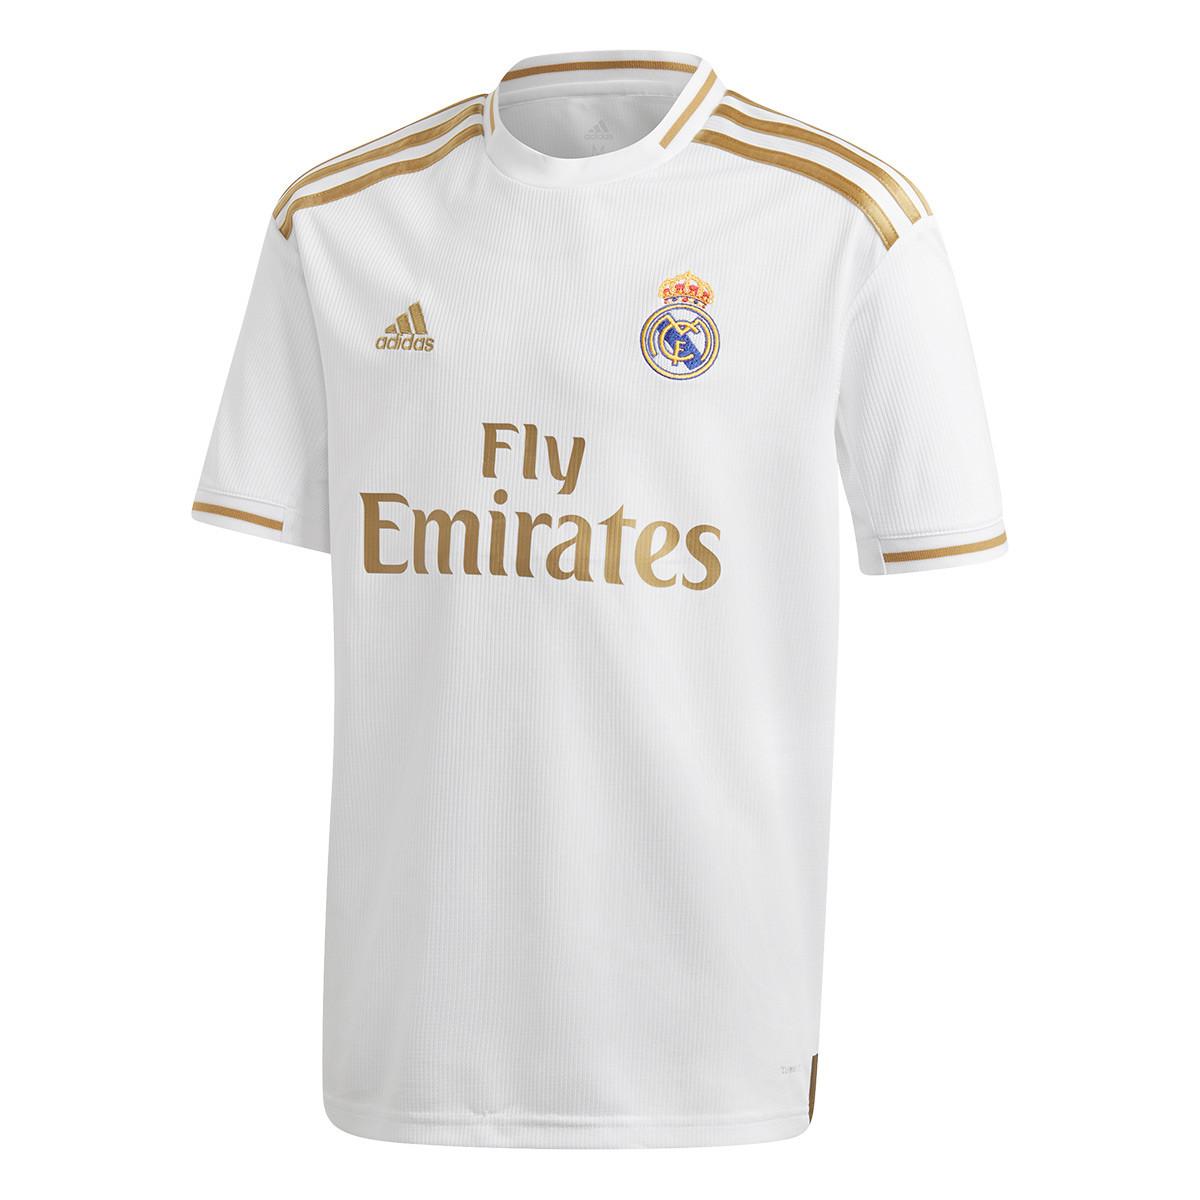 Camisola adidas Real Madrid Equipamento Principal 2019 2020 Niño